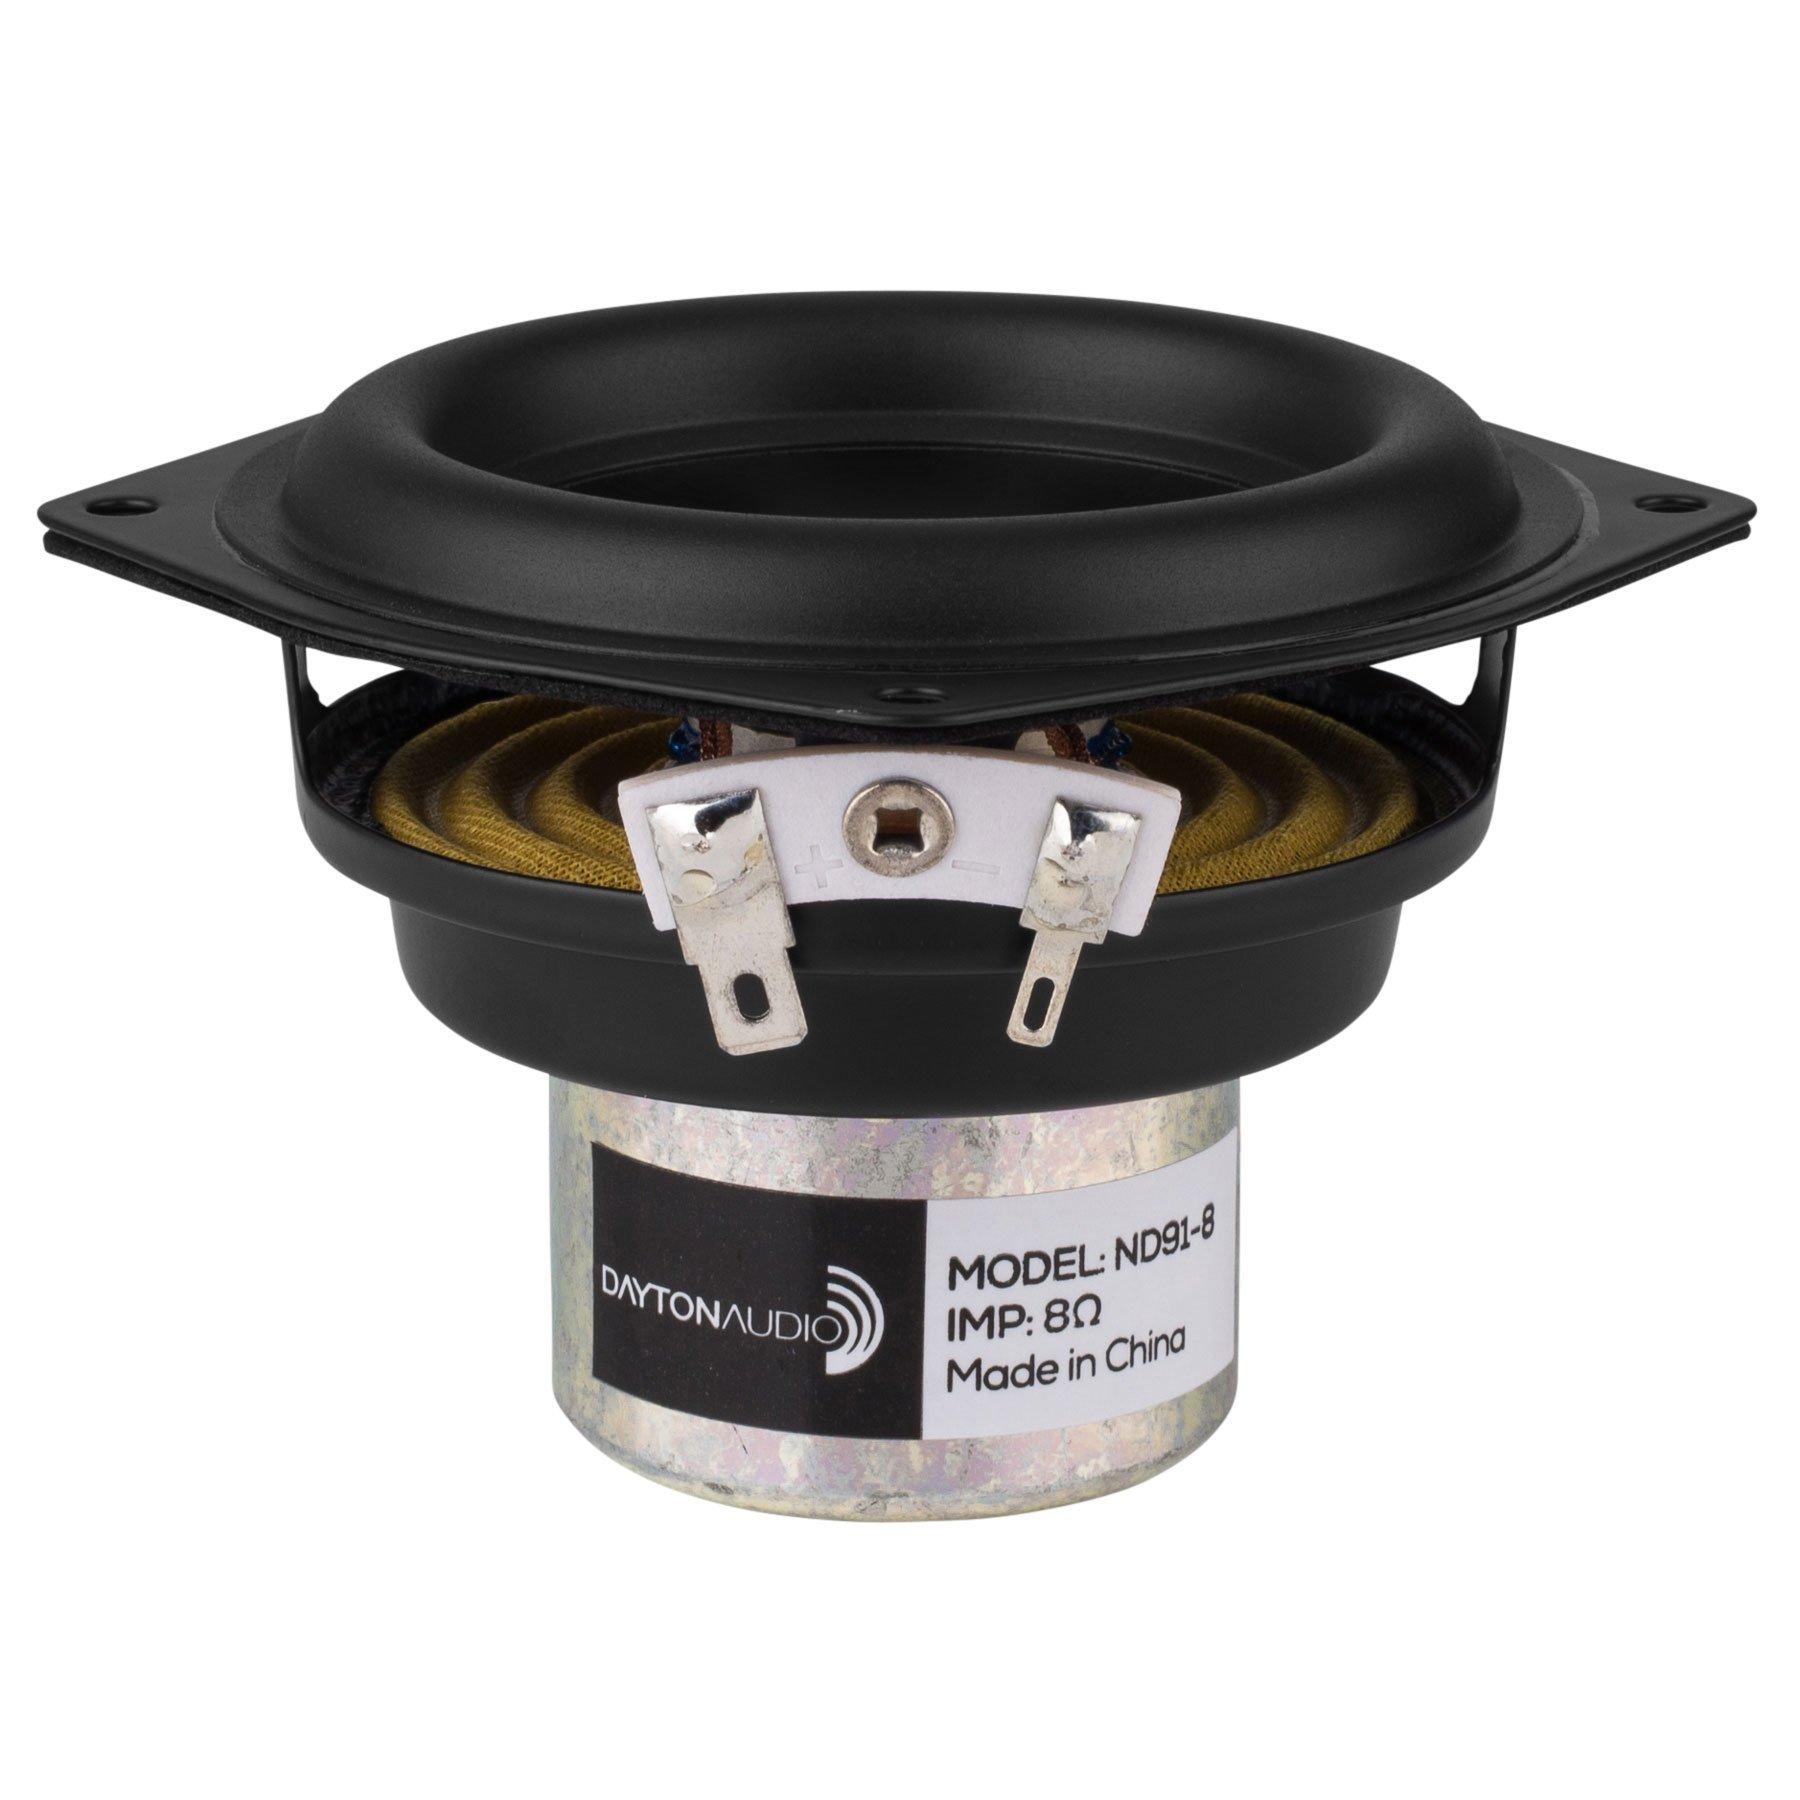 Dayton Audio ND91-8 3-1/2'' Aluminum Cone Full-Range Driver 8 Ohm by Dayton Audio